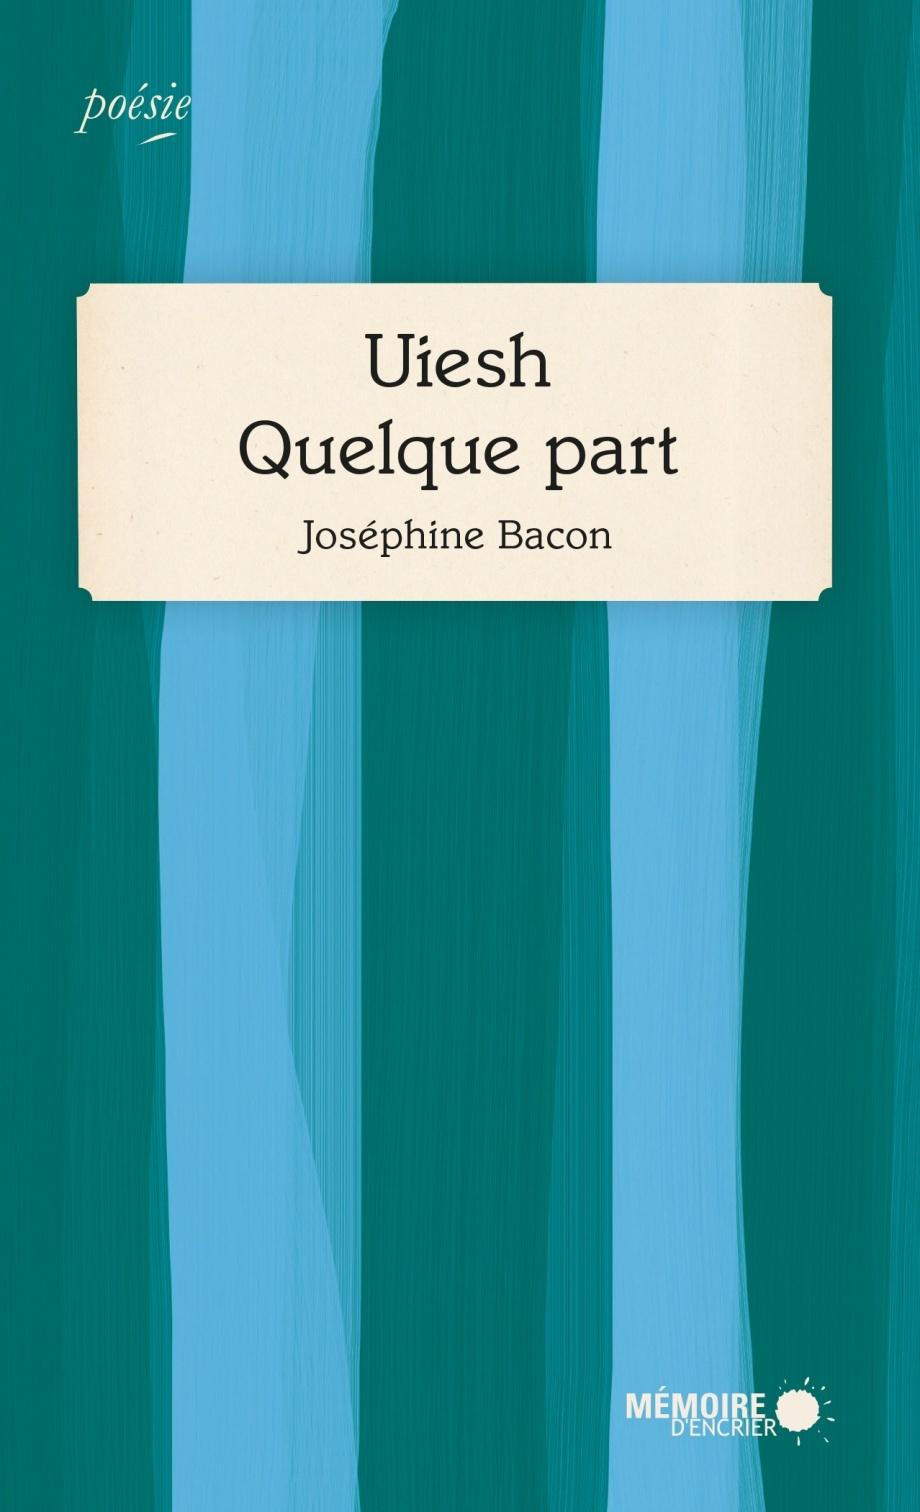 Uiesh / Quelque part, de Joséphine Bacon (Mémoire d'encrier)